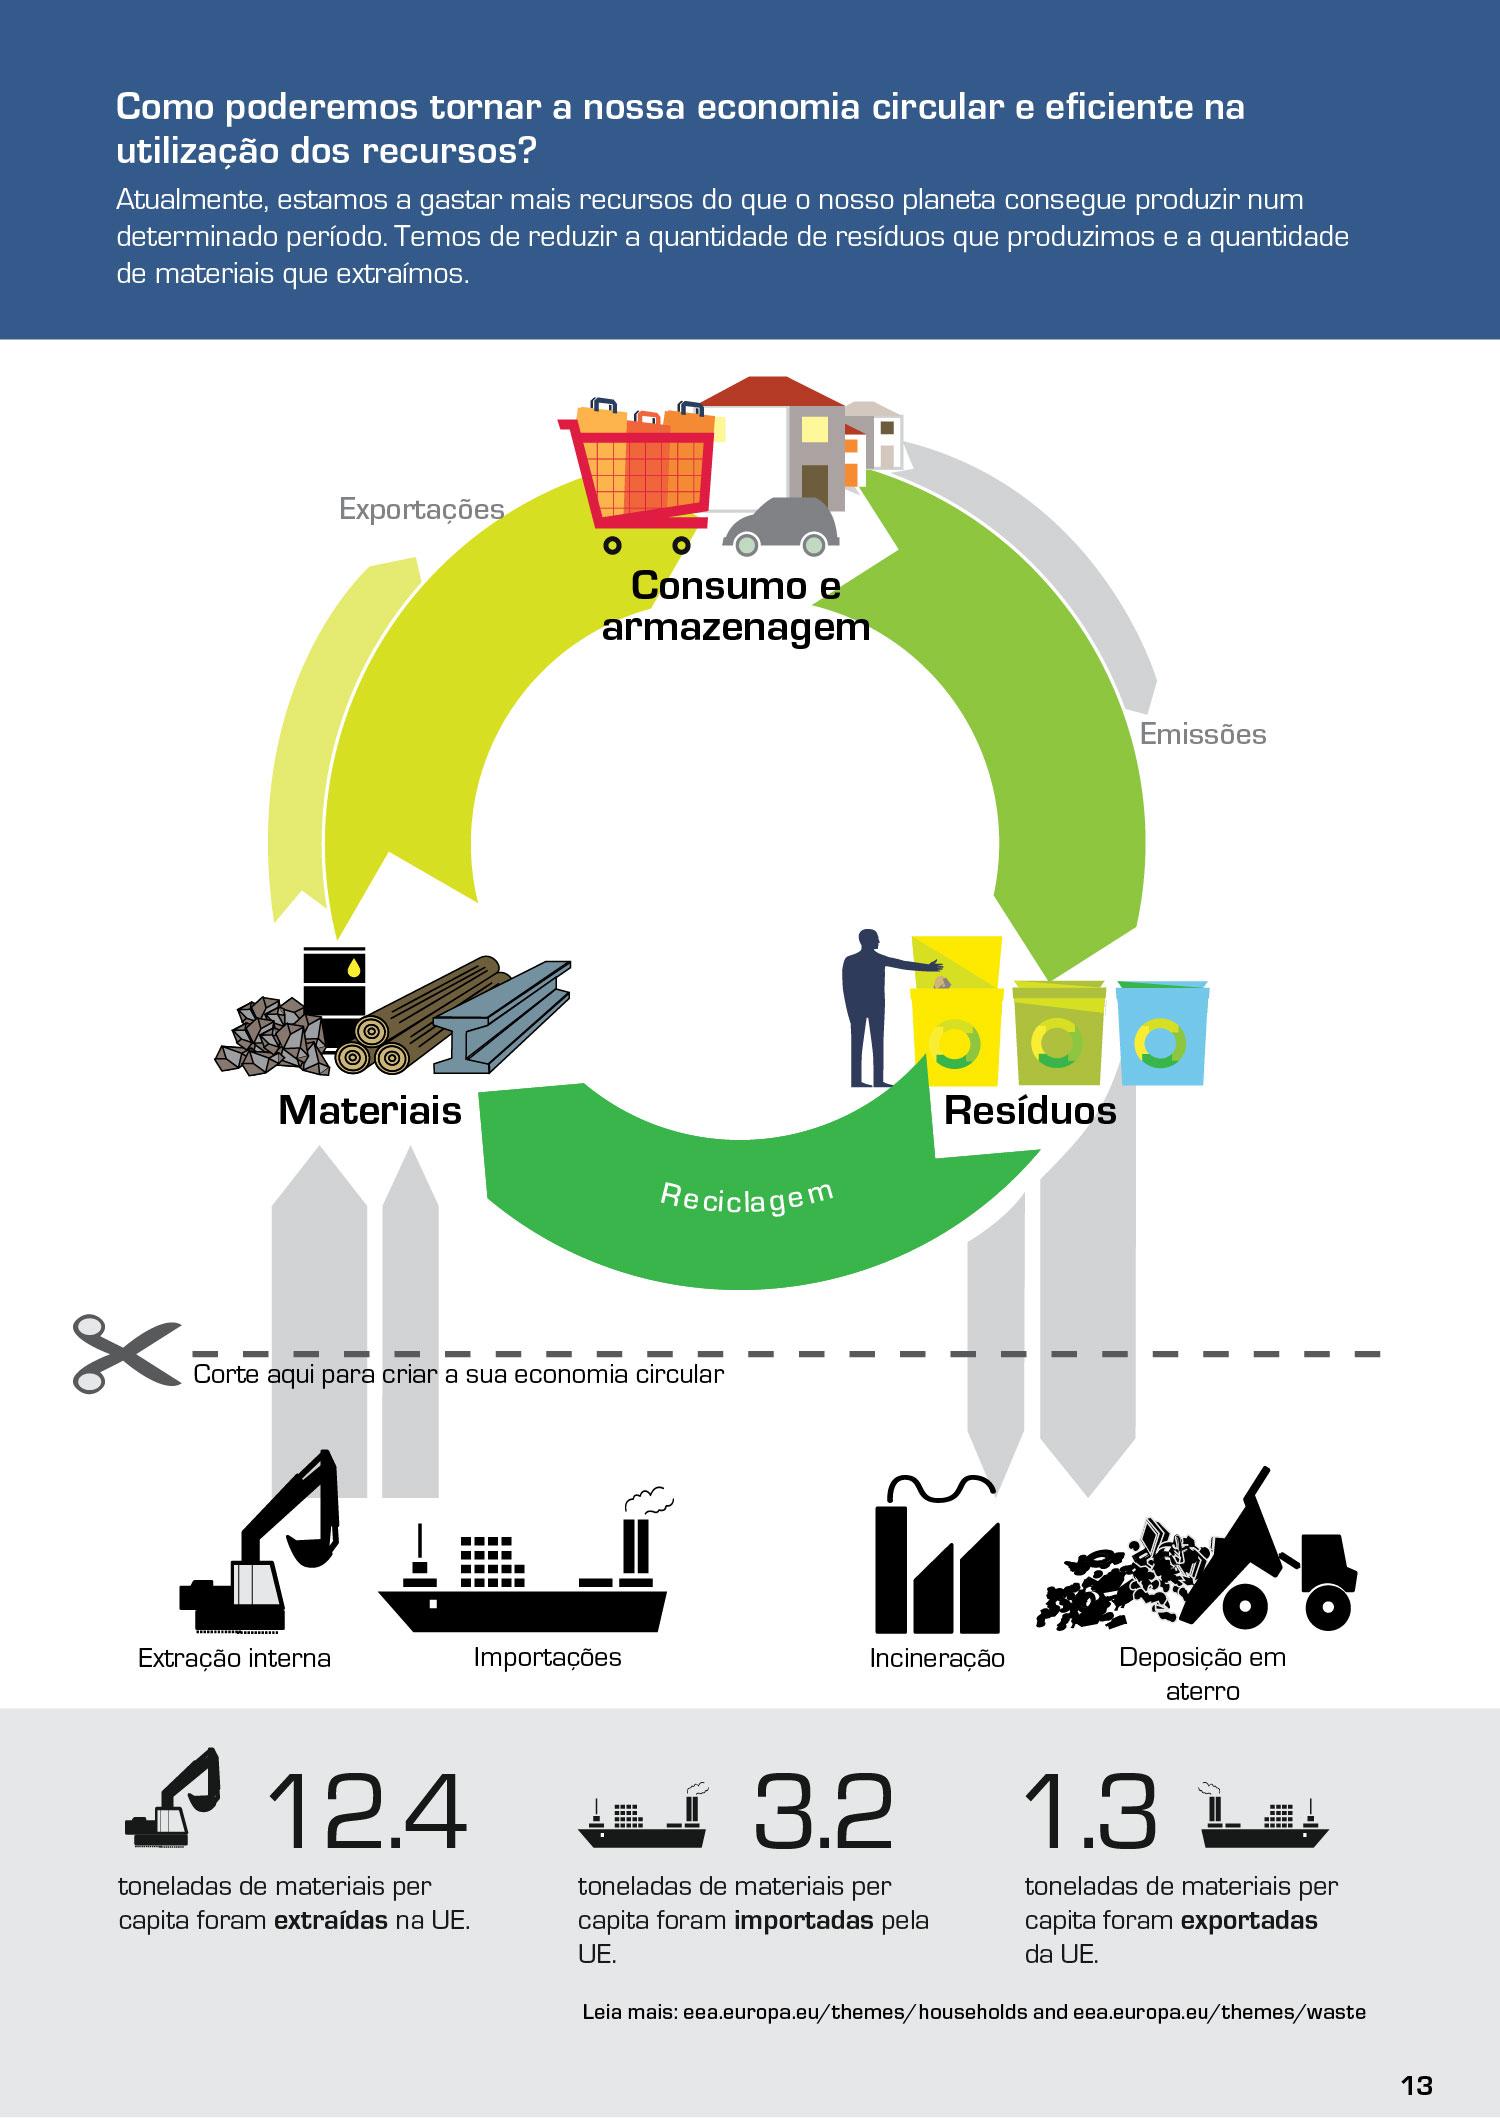 Como poderemos tornar a nossa economia circular e eficiente na utilização dos recursos?